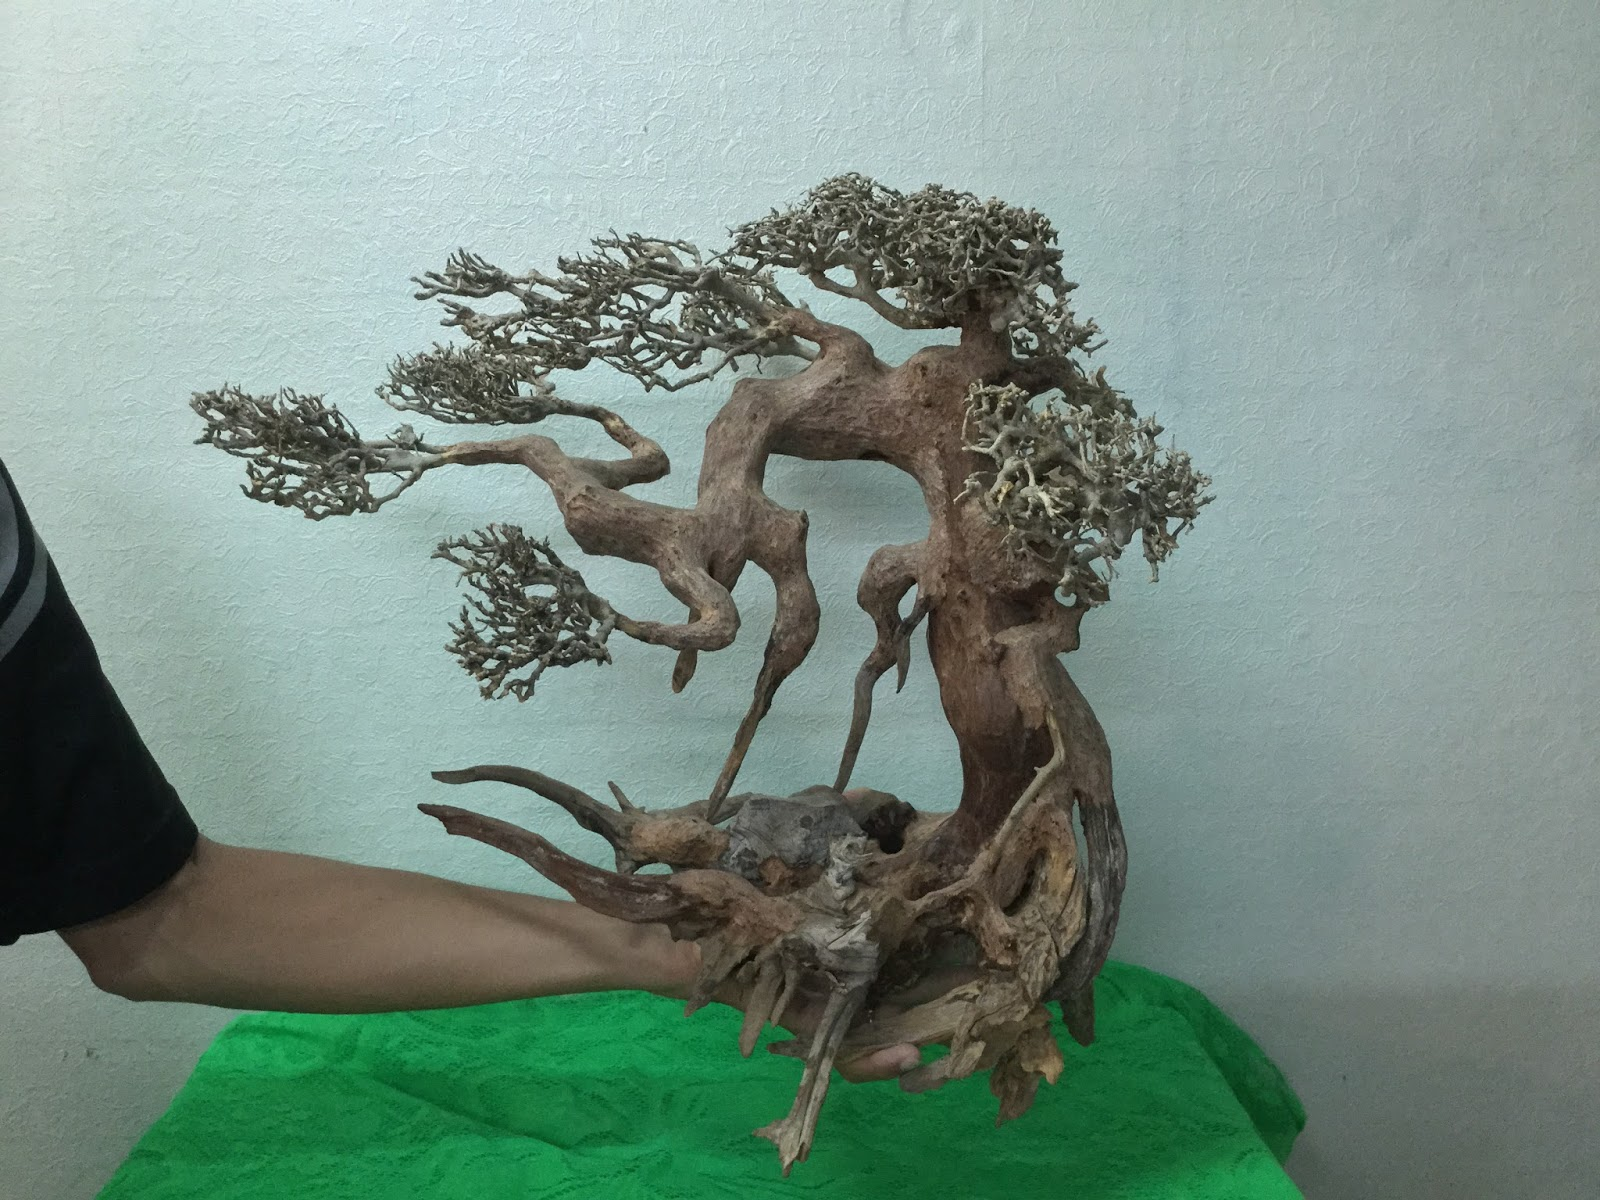 Lũa xương thường được dùng để ghép cây bon sai cho hồ thủy sinh